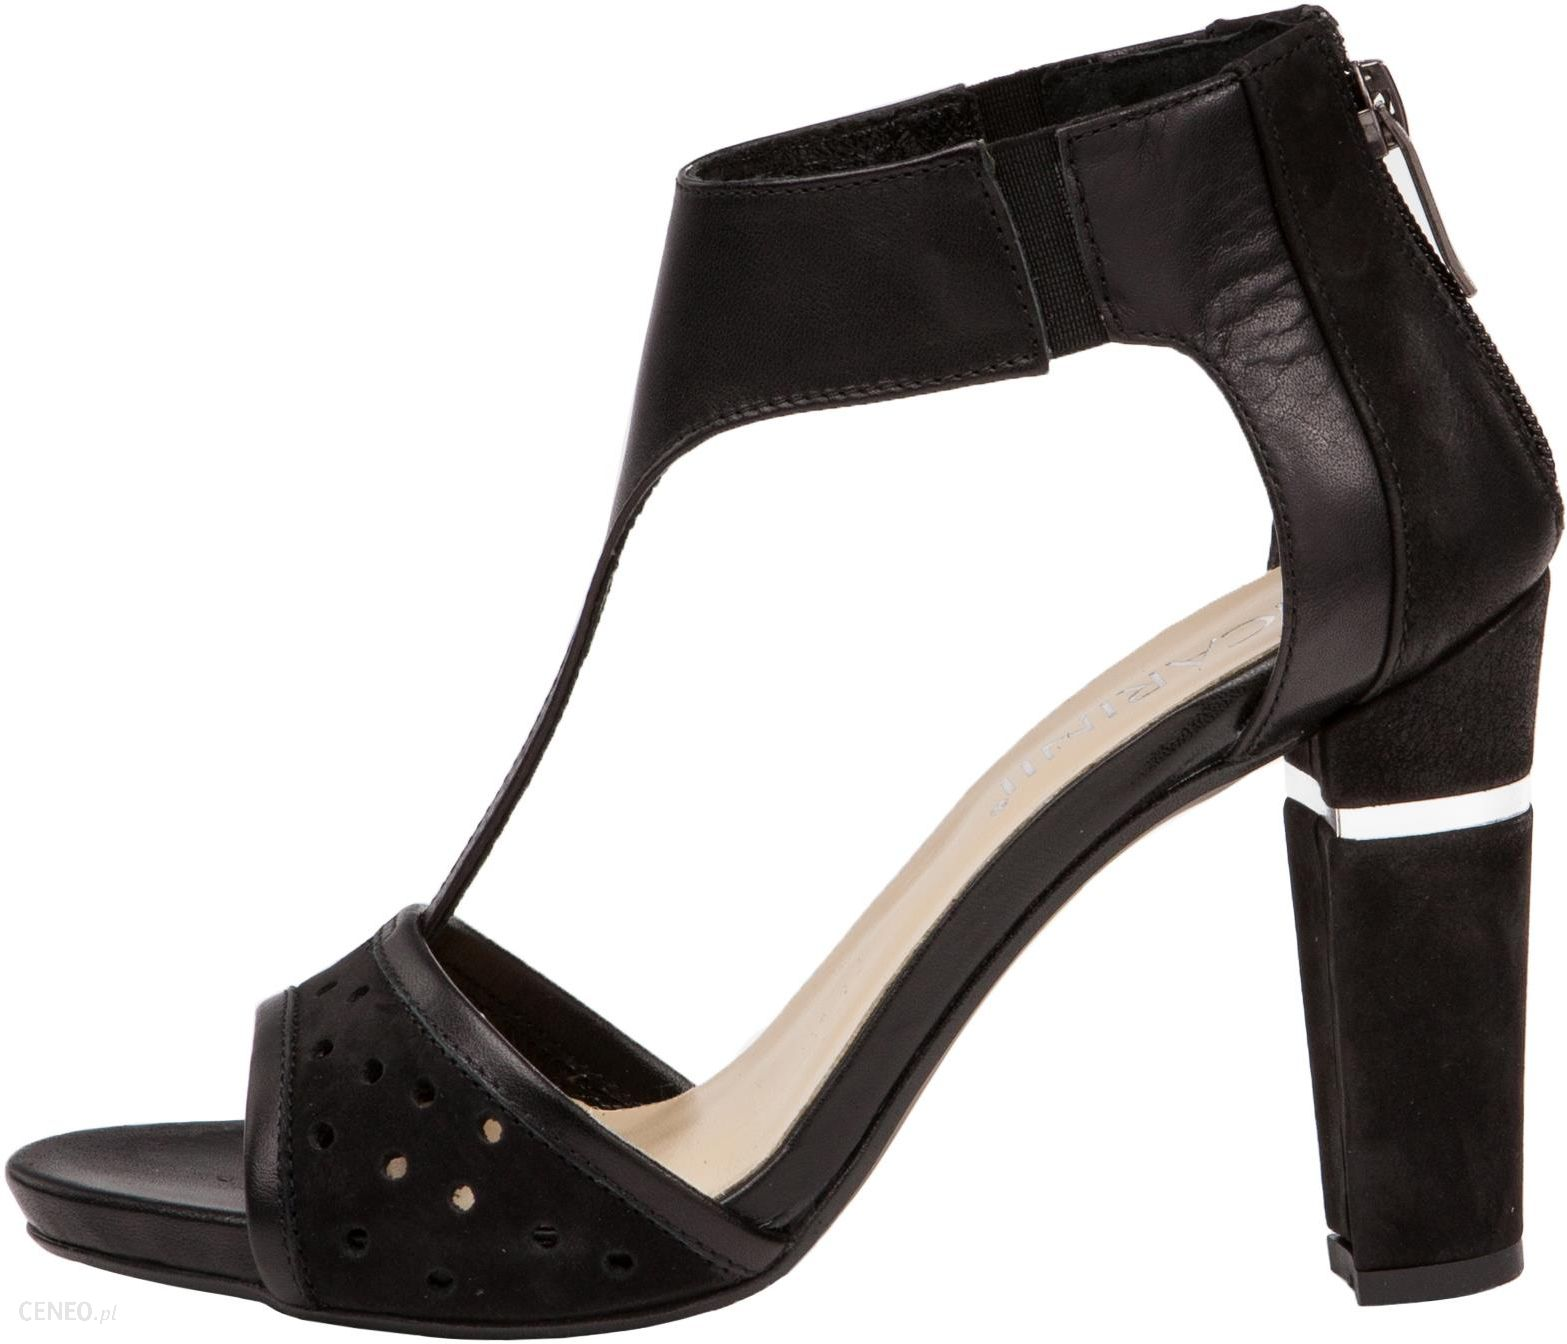 Złote sandały damskie szpilki JEZZI SA124 8 Ceny i opinie